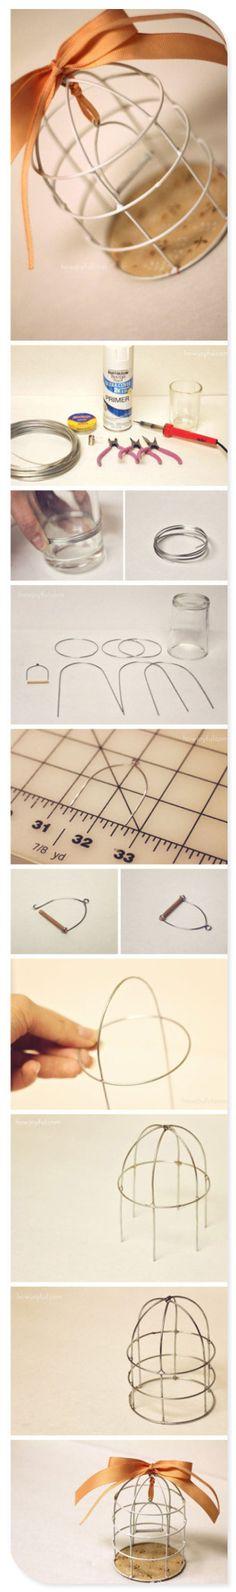 Artesanías de aluminio - DIY Mini birdcage